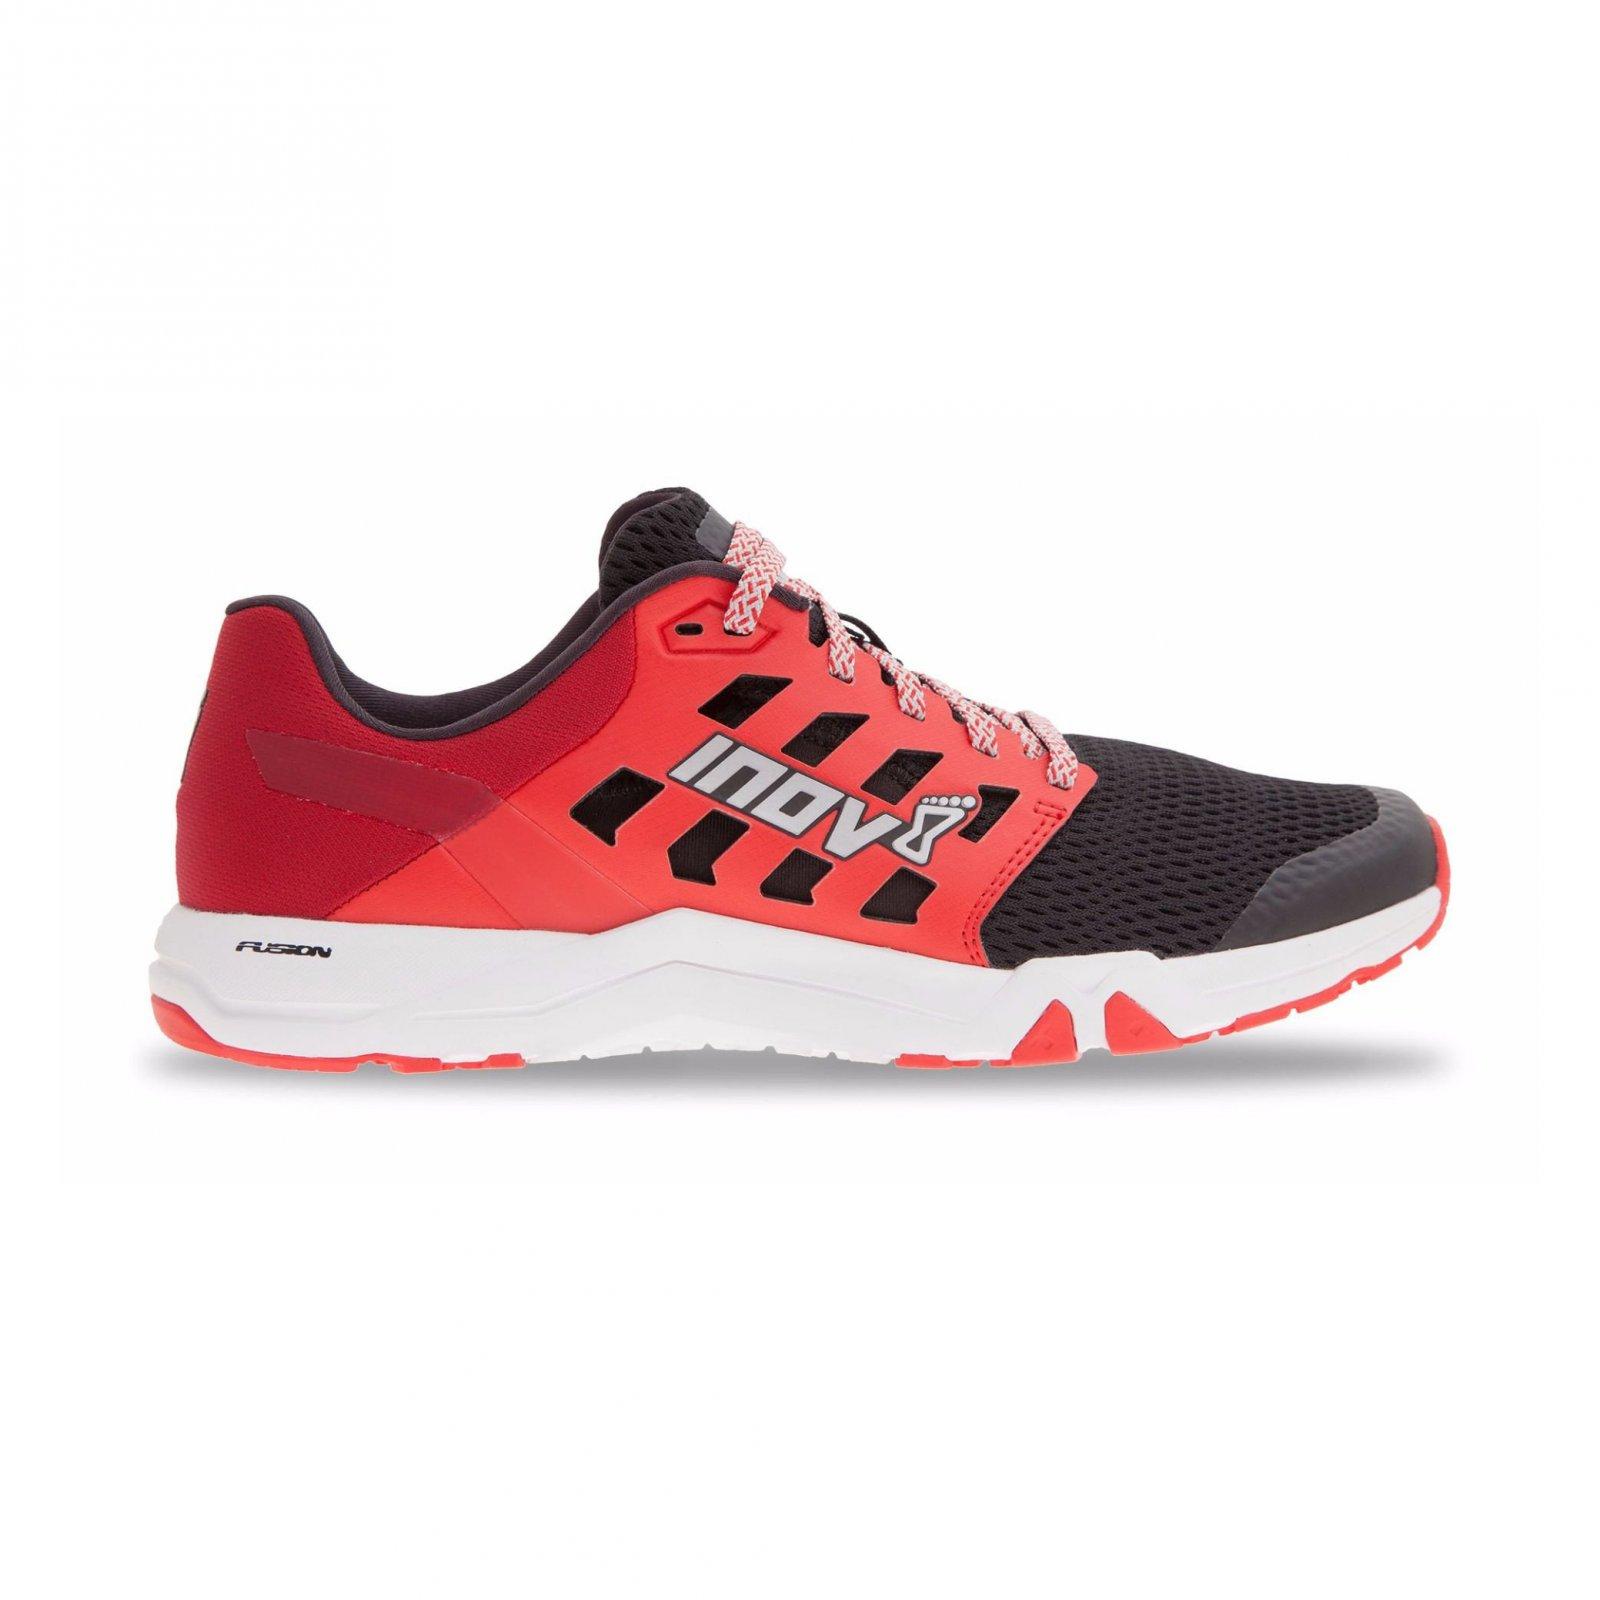 Sportovní boty Inov-8 All Train 215 (M) 000566-BKRDWH-M-01 ... 65eab83ec93